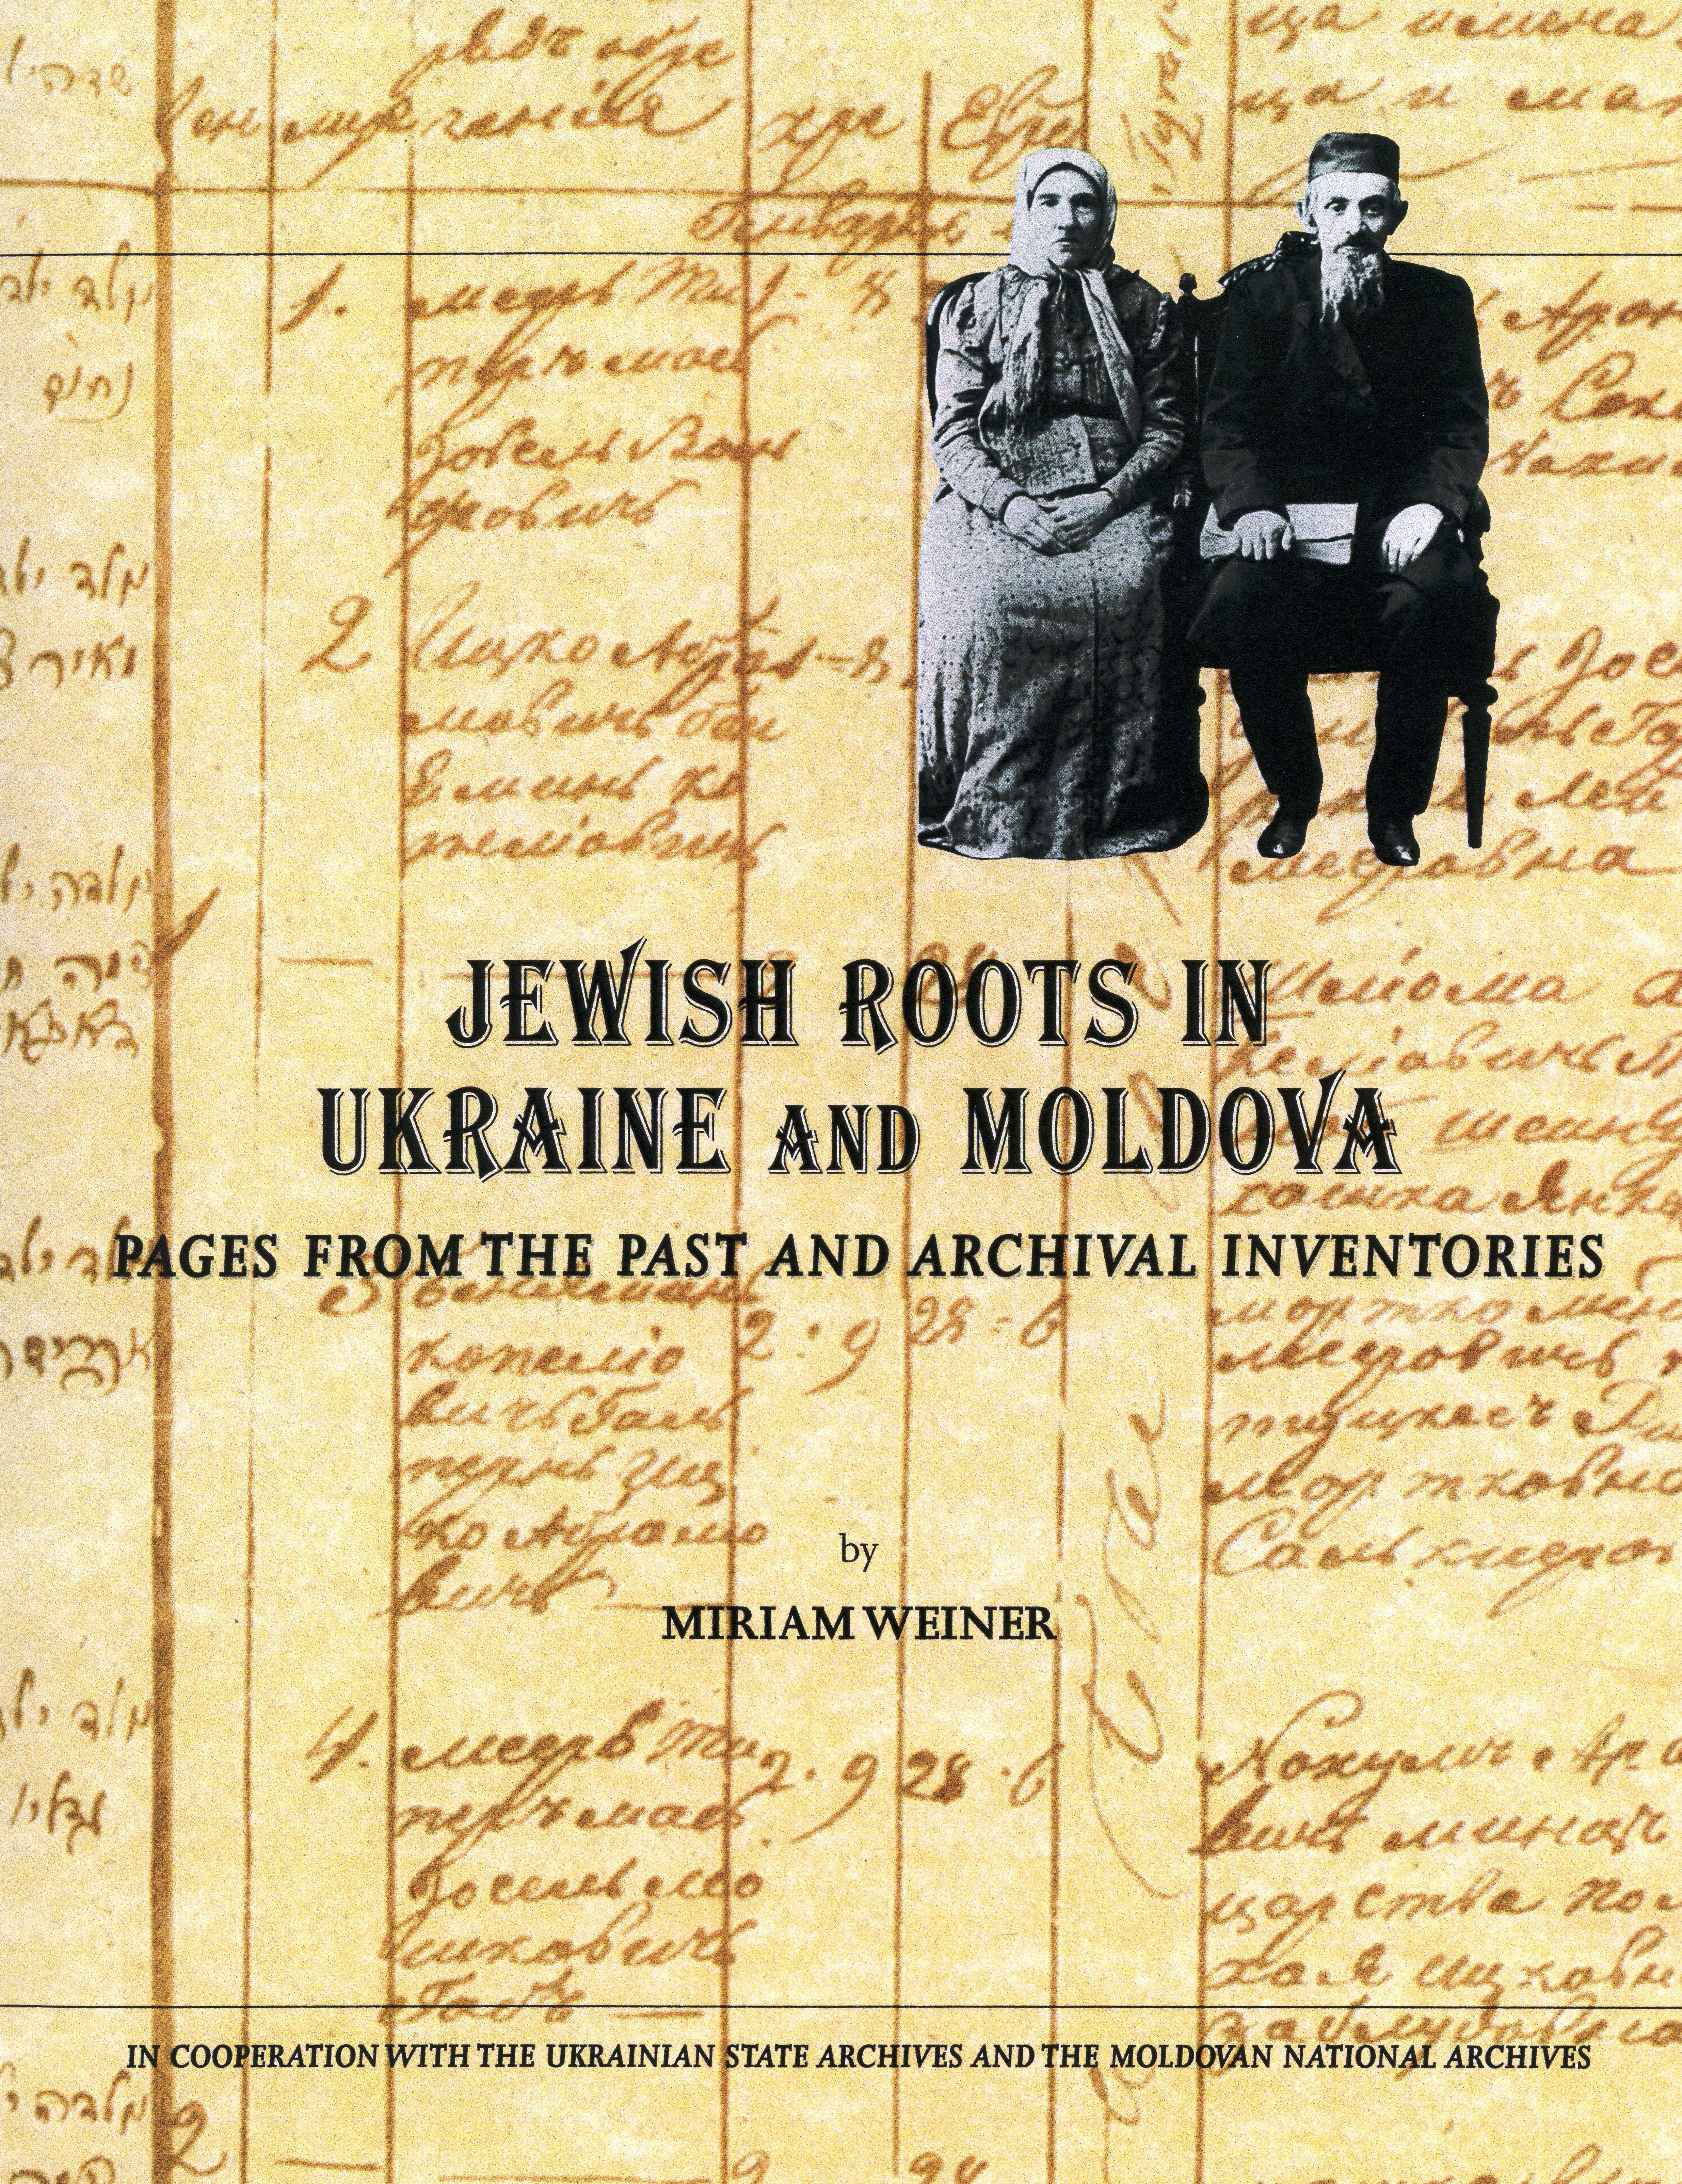 Jewish Roots in Ukraine and Moldova - Wikipedia